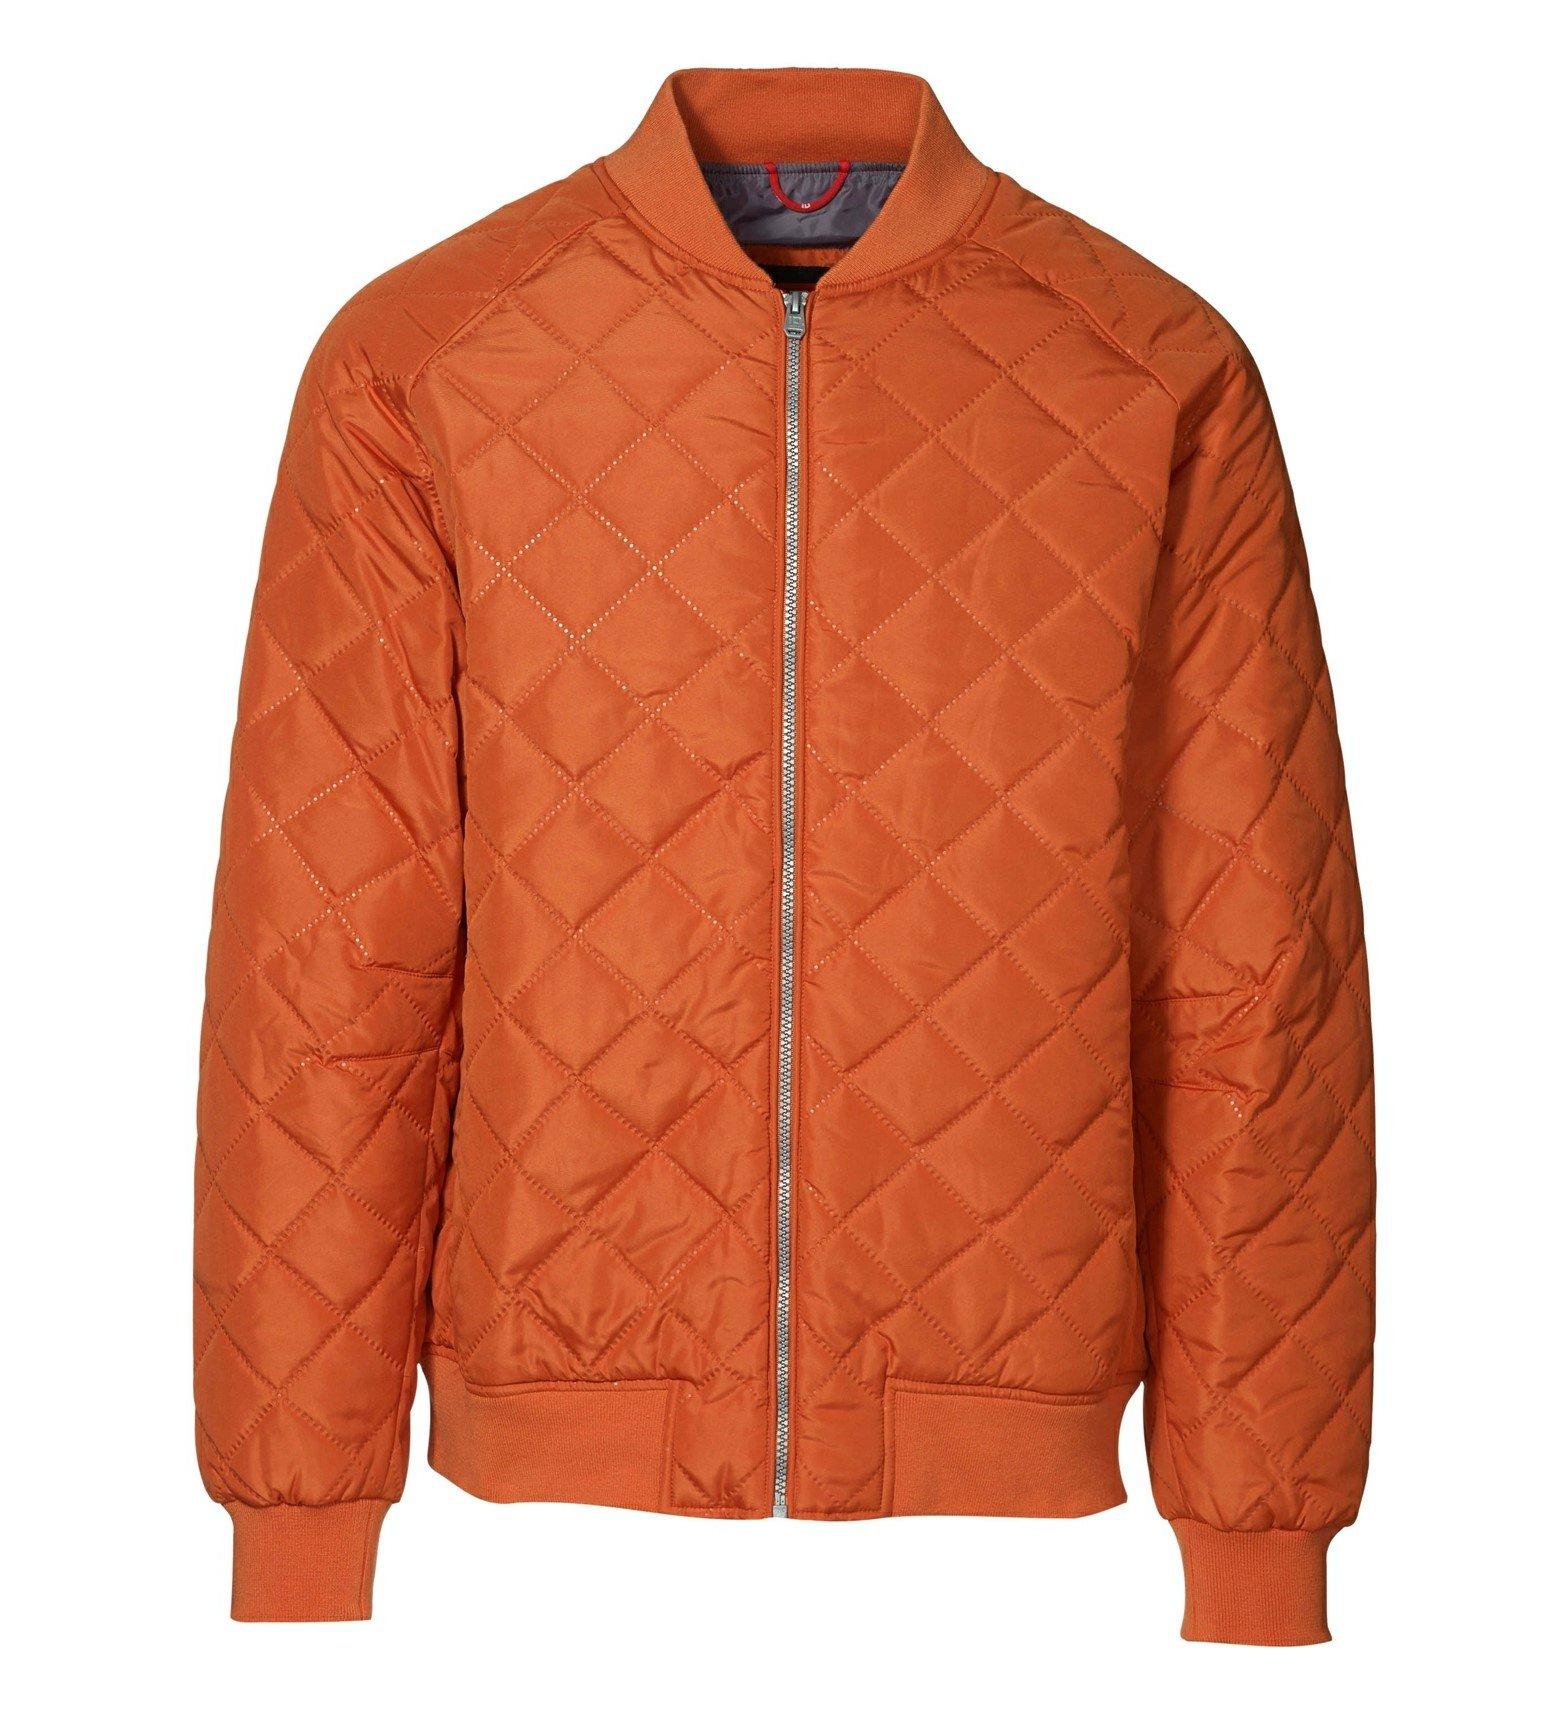 3be14390 Bomber jakke med broderi - klik her